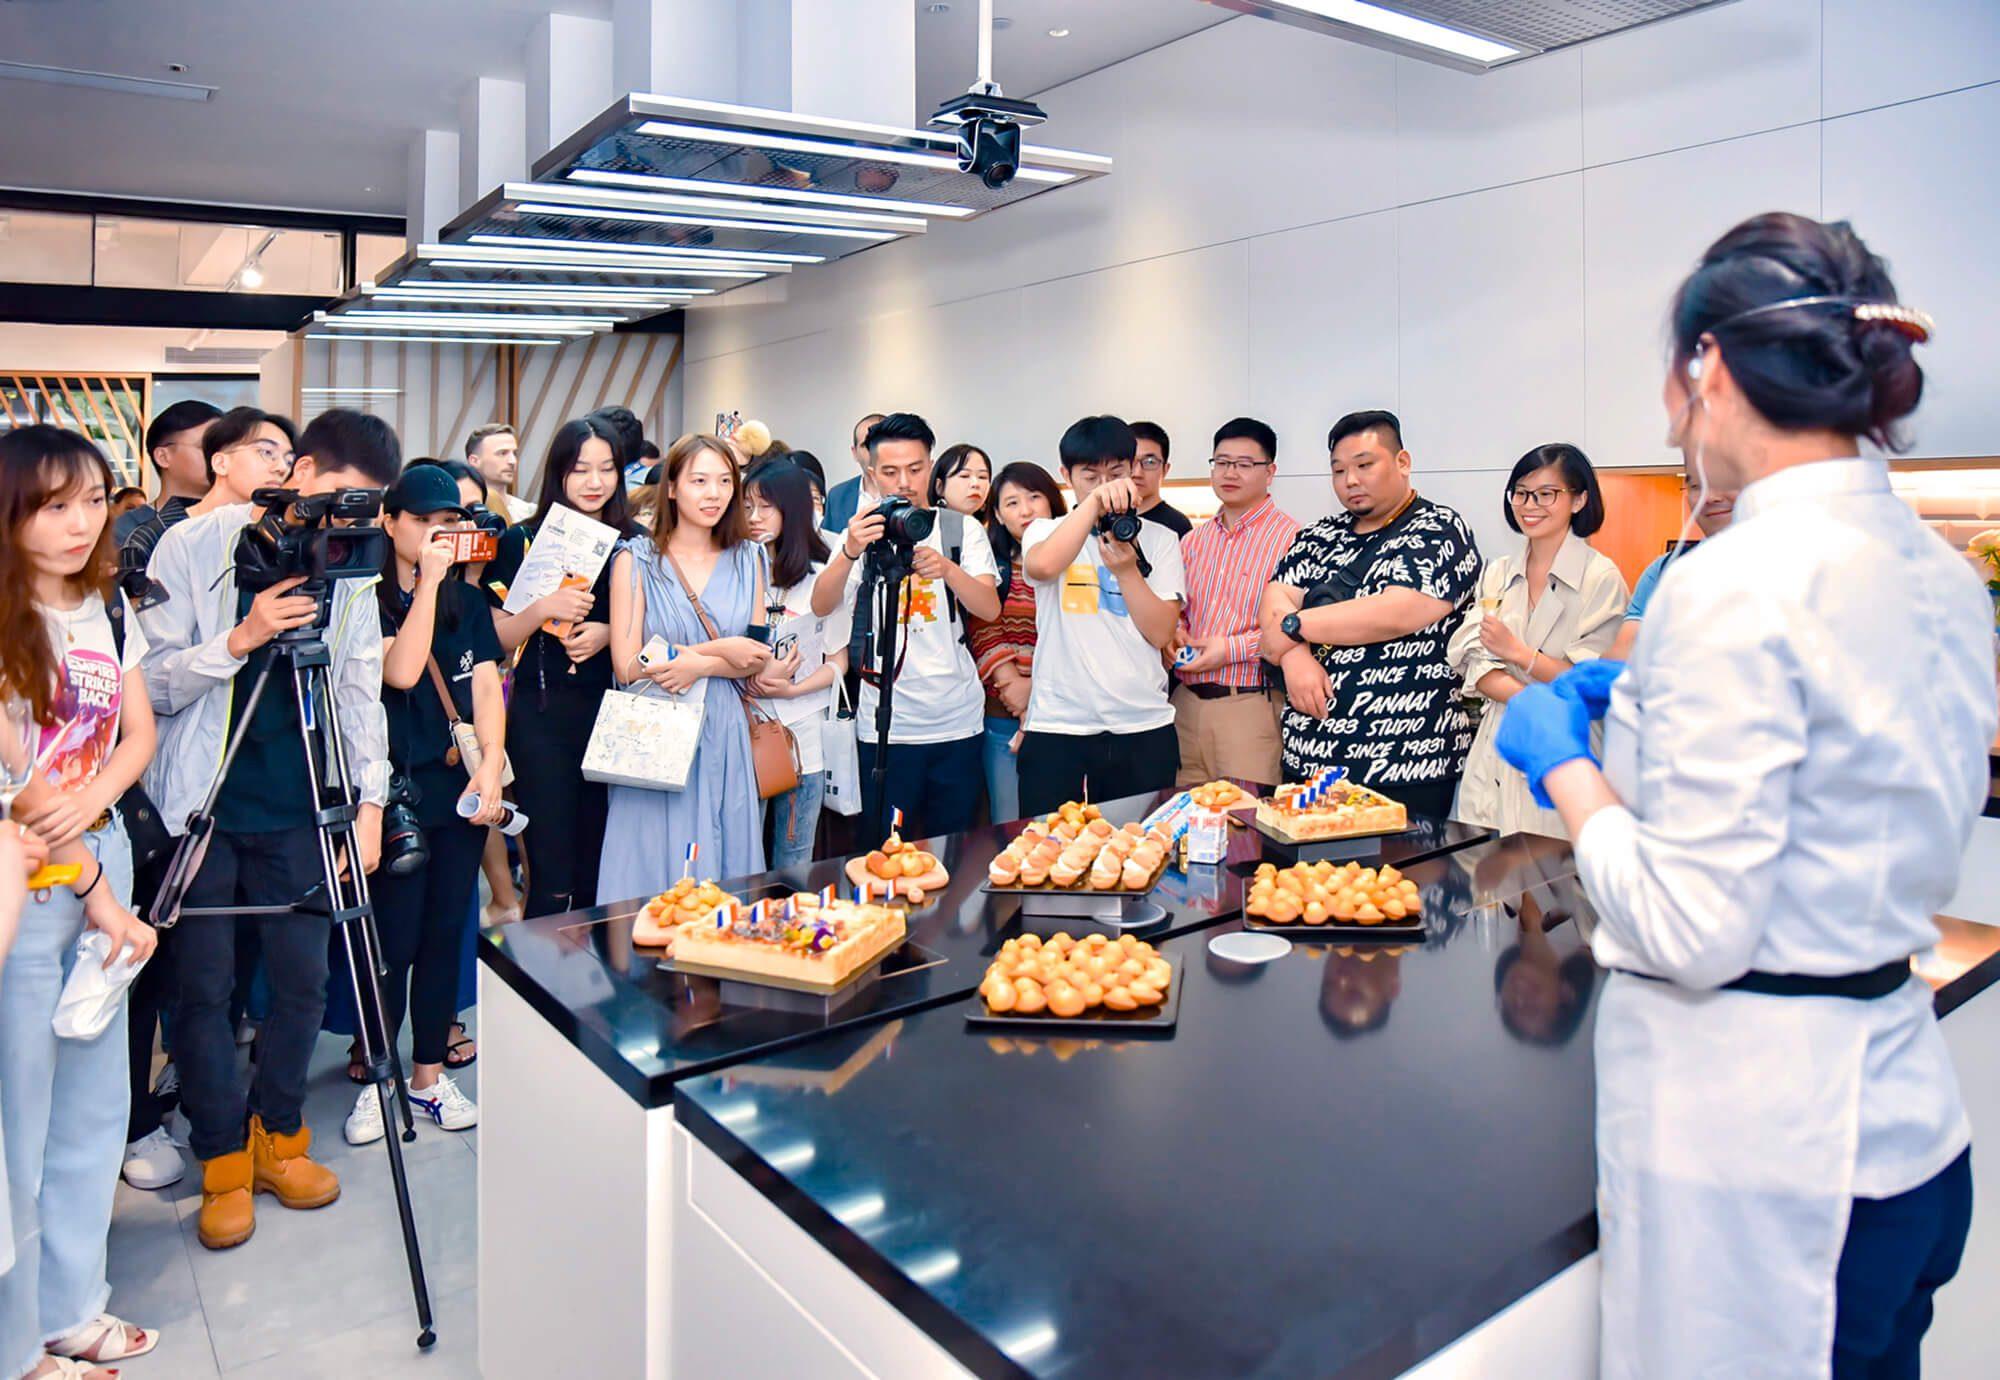 Cours de cuisine fromagère pour l'ouverture du concept store La crémerie en Chine